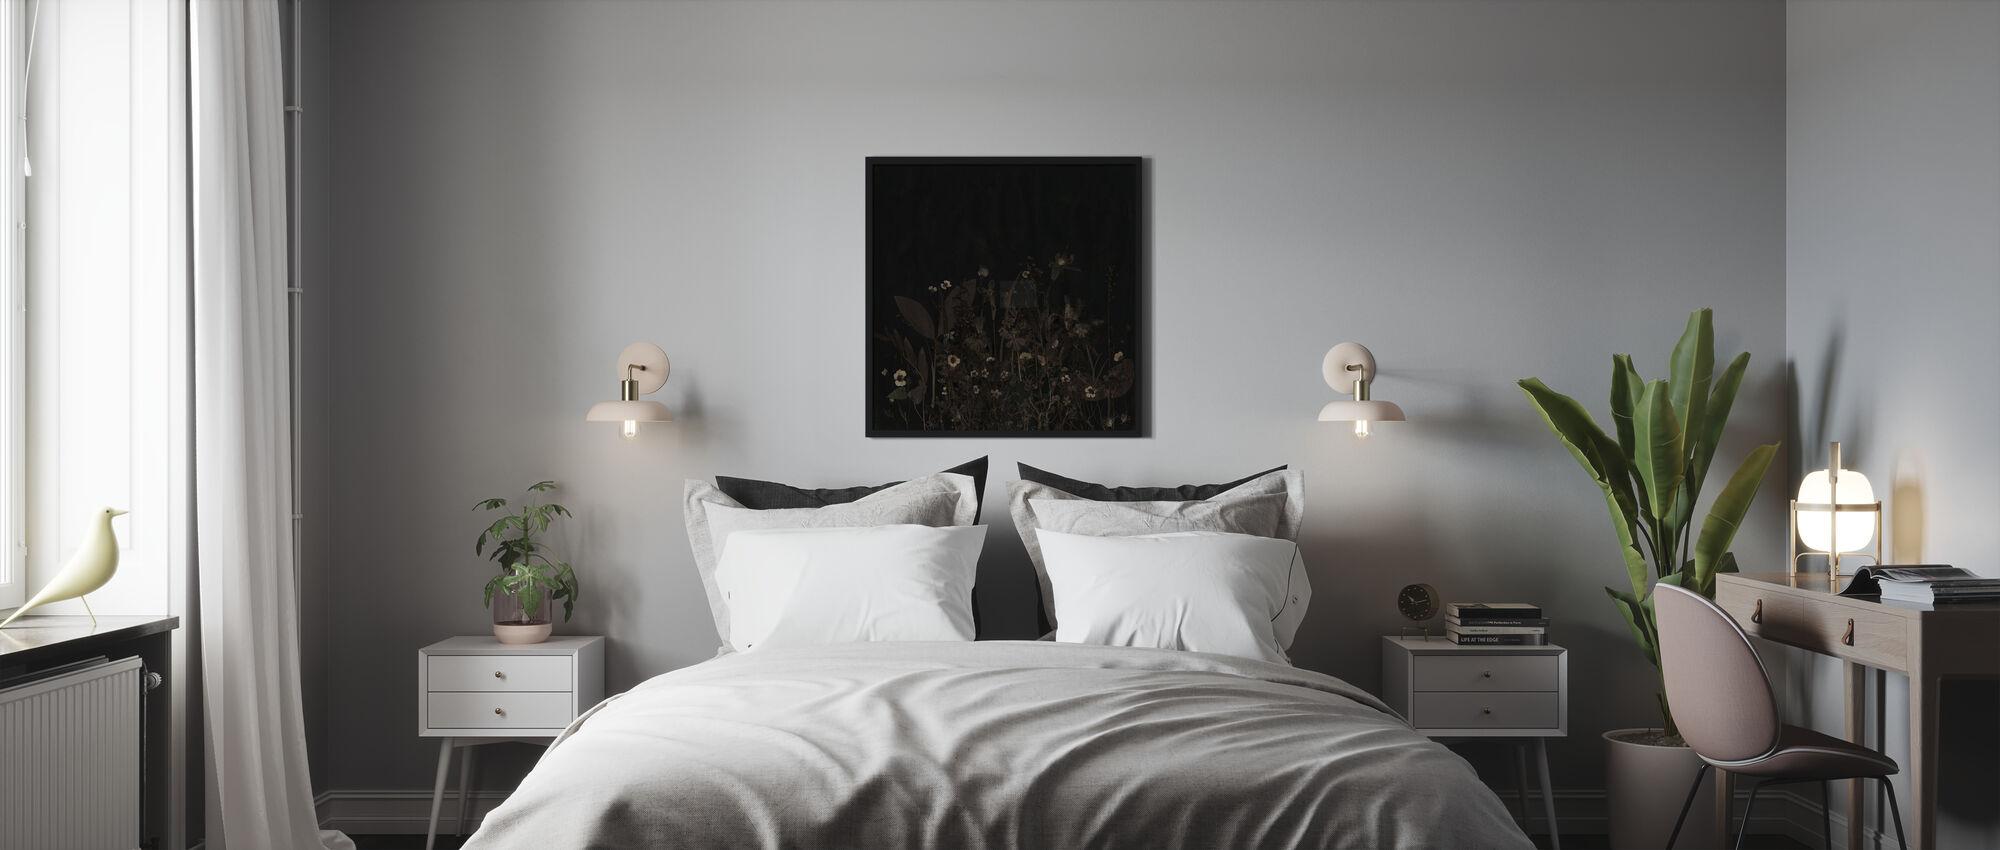 Yöllinen - Kehystetty kuva - Makuuhuone